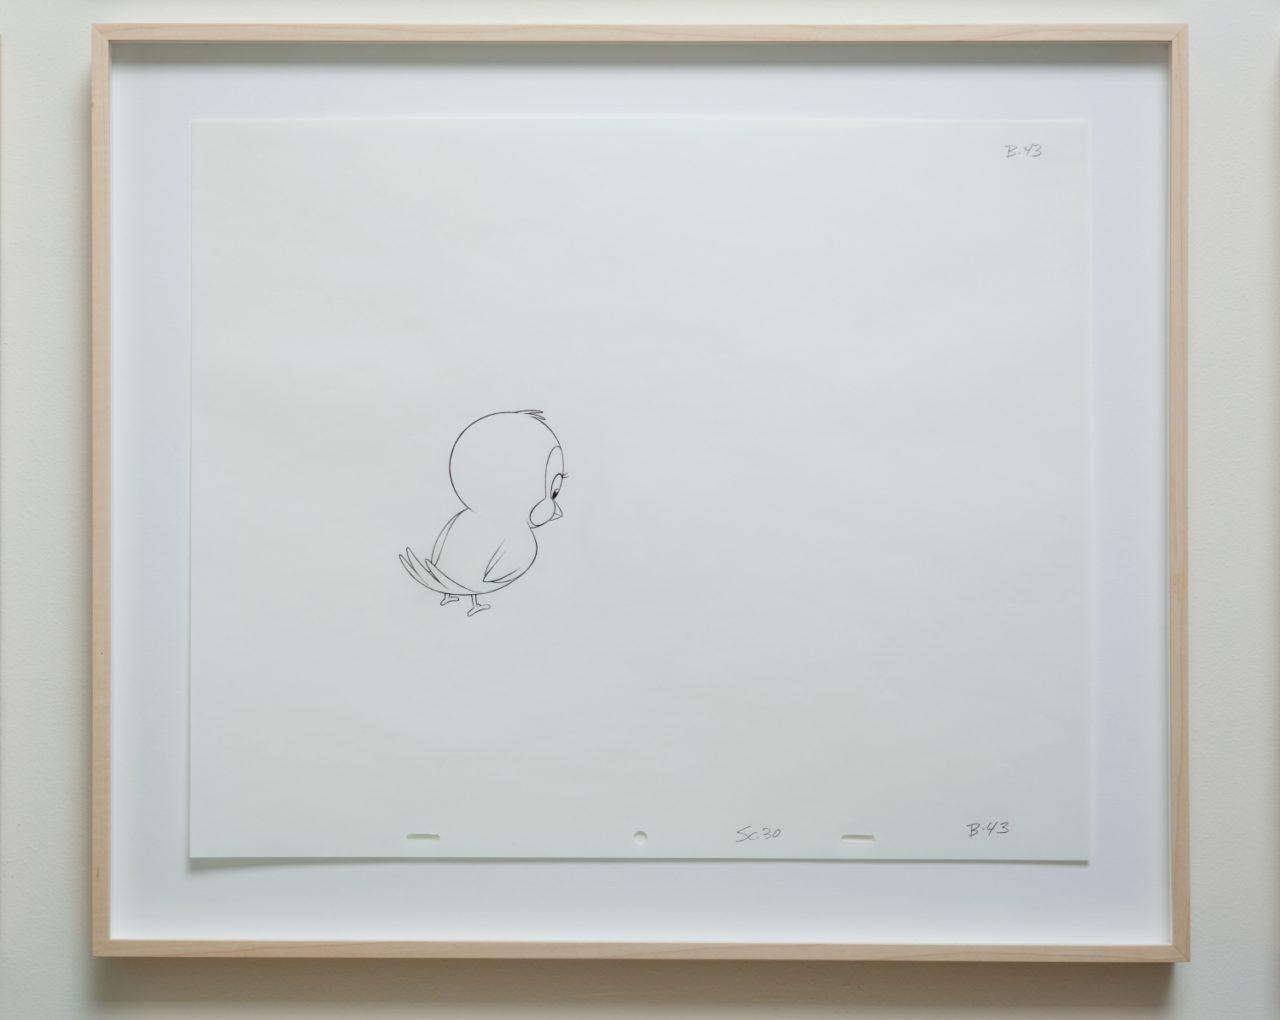 Mathias Poledna, untitled (animation drawing) (2013)